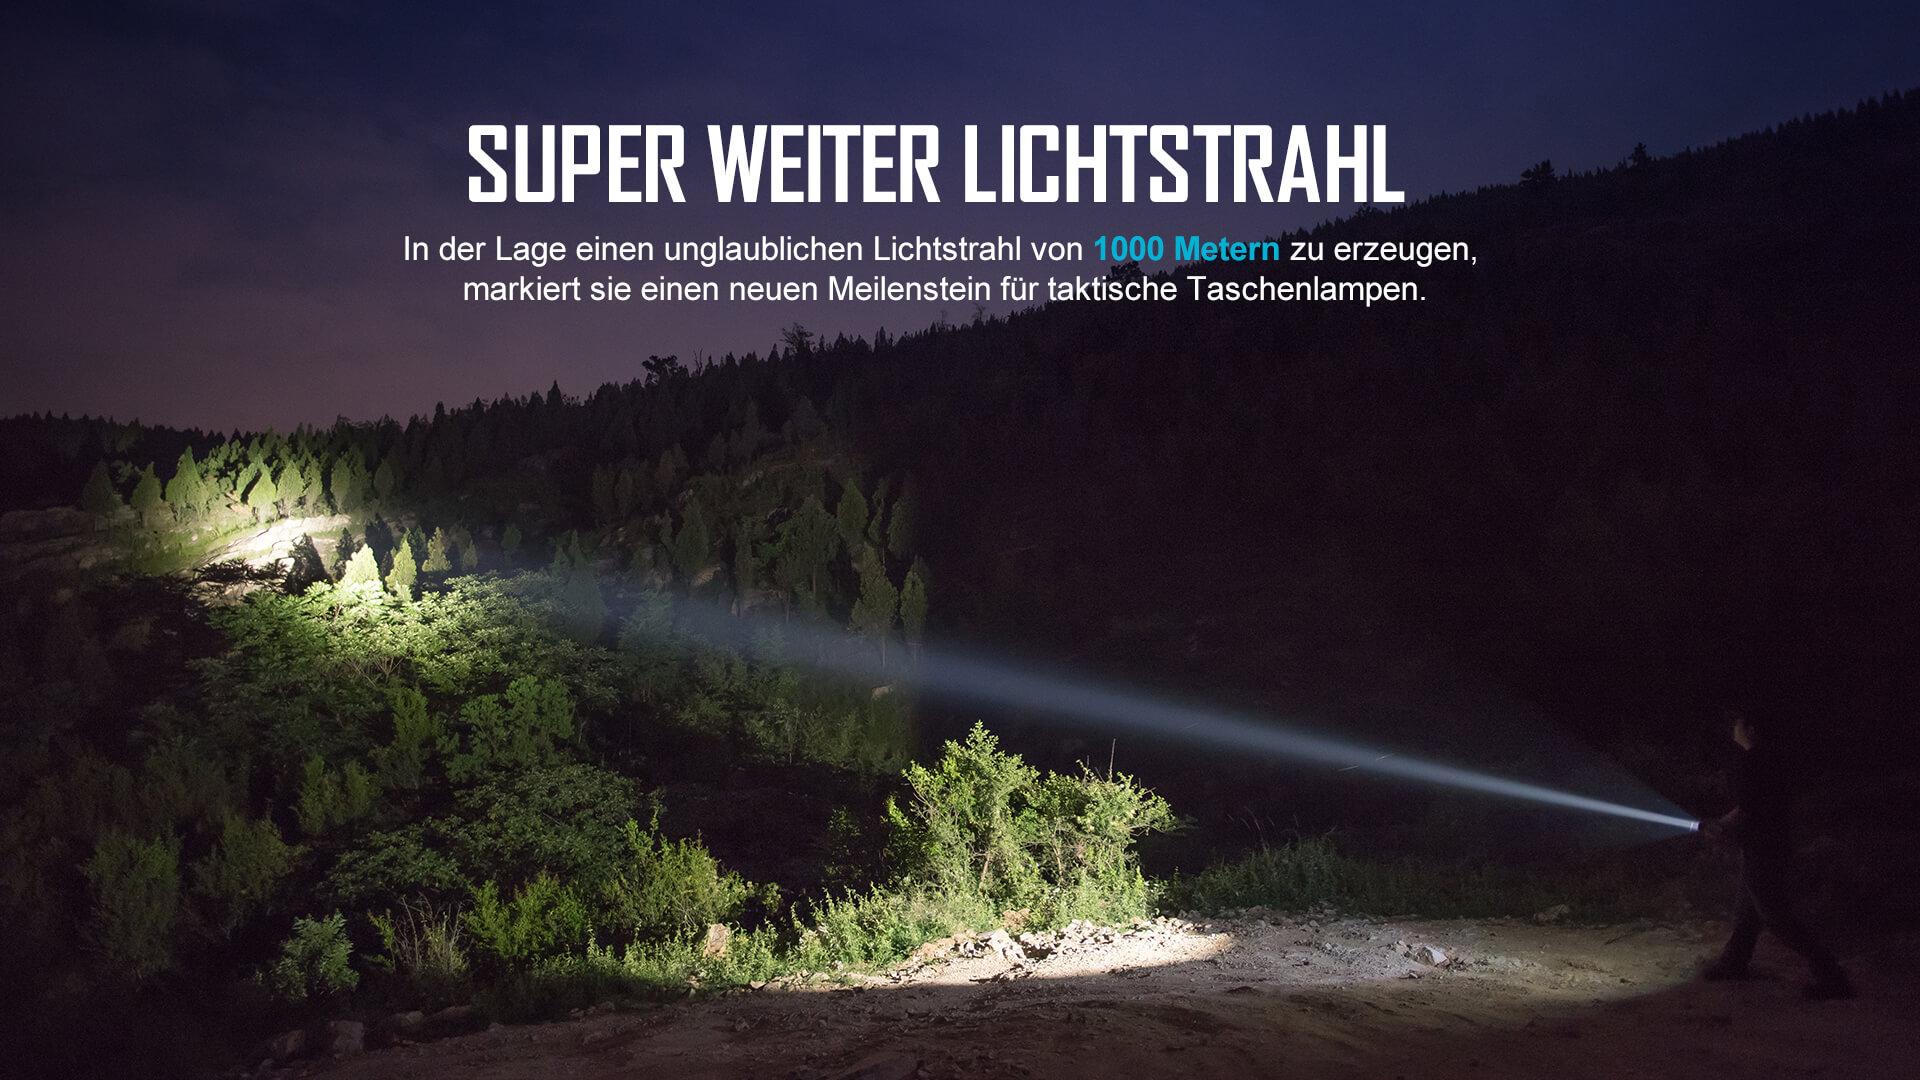 olight taktische Warrior x Turbo Taschenlampe 1100 Lumen